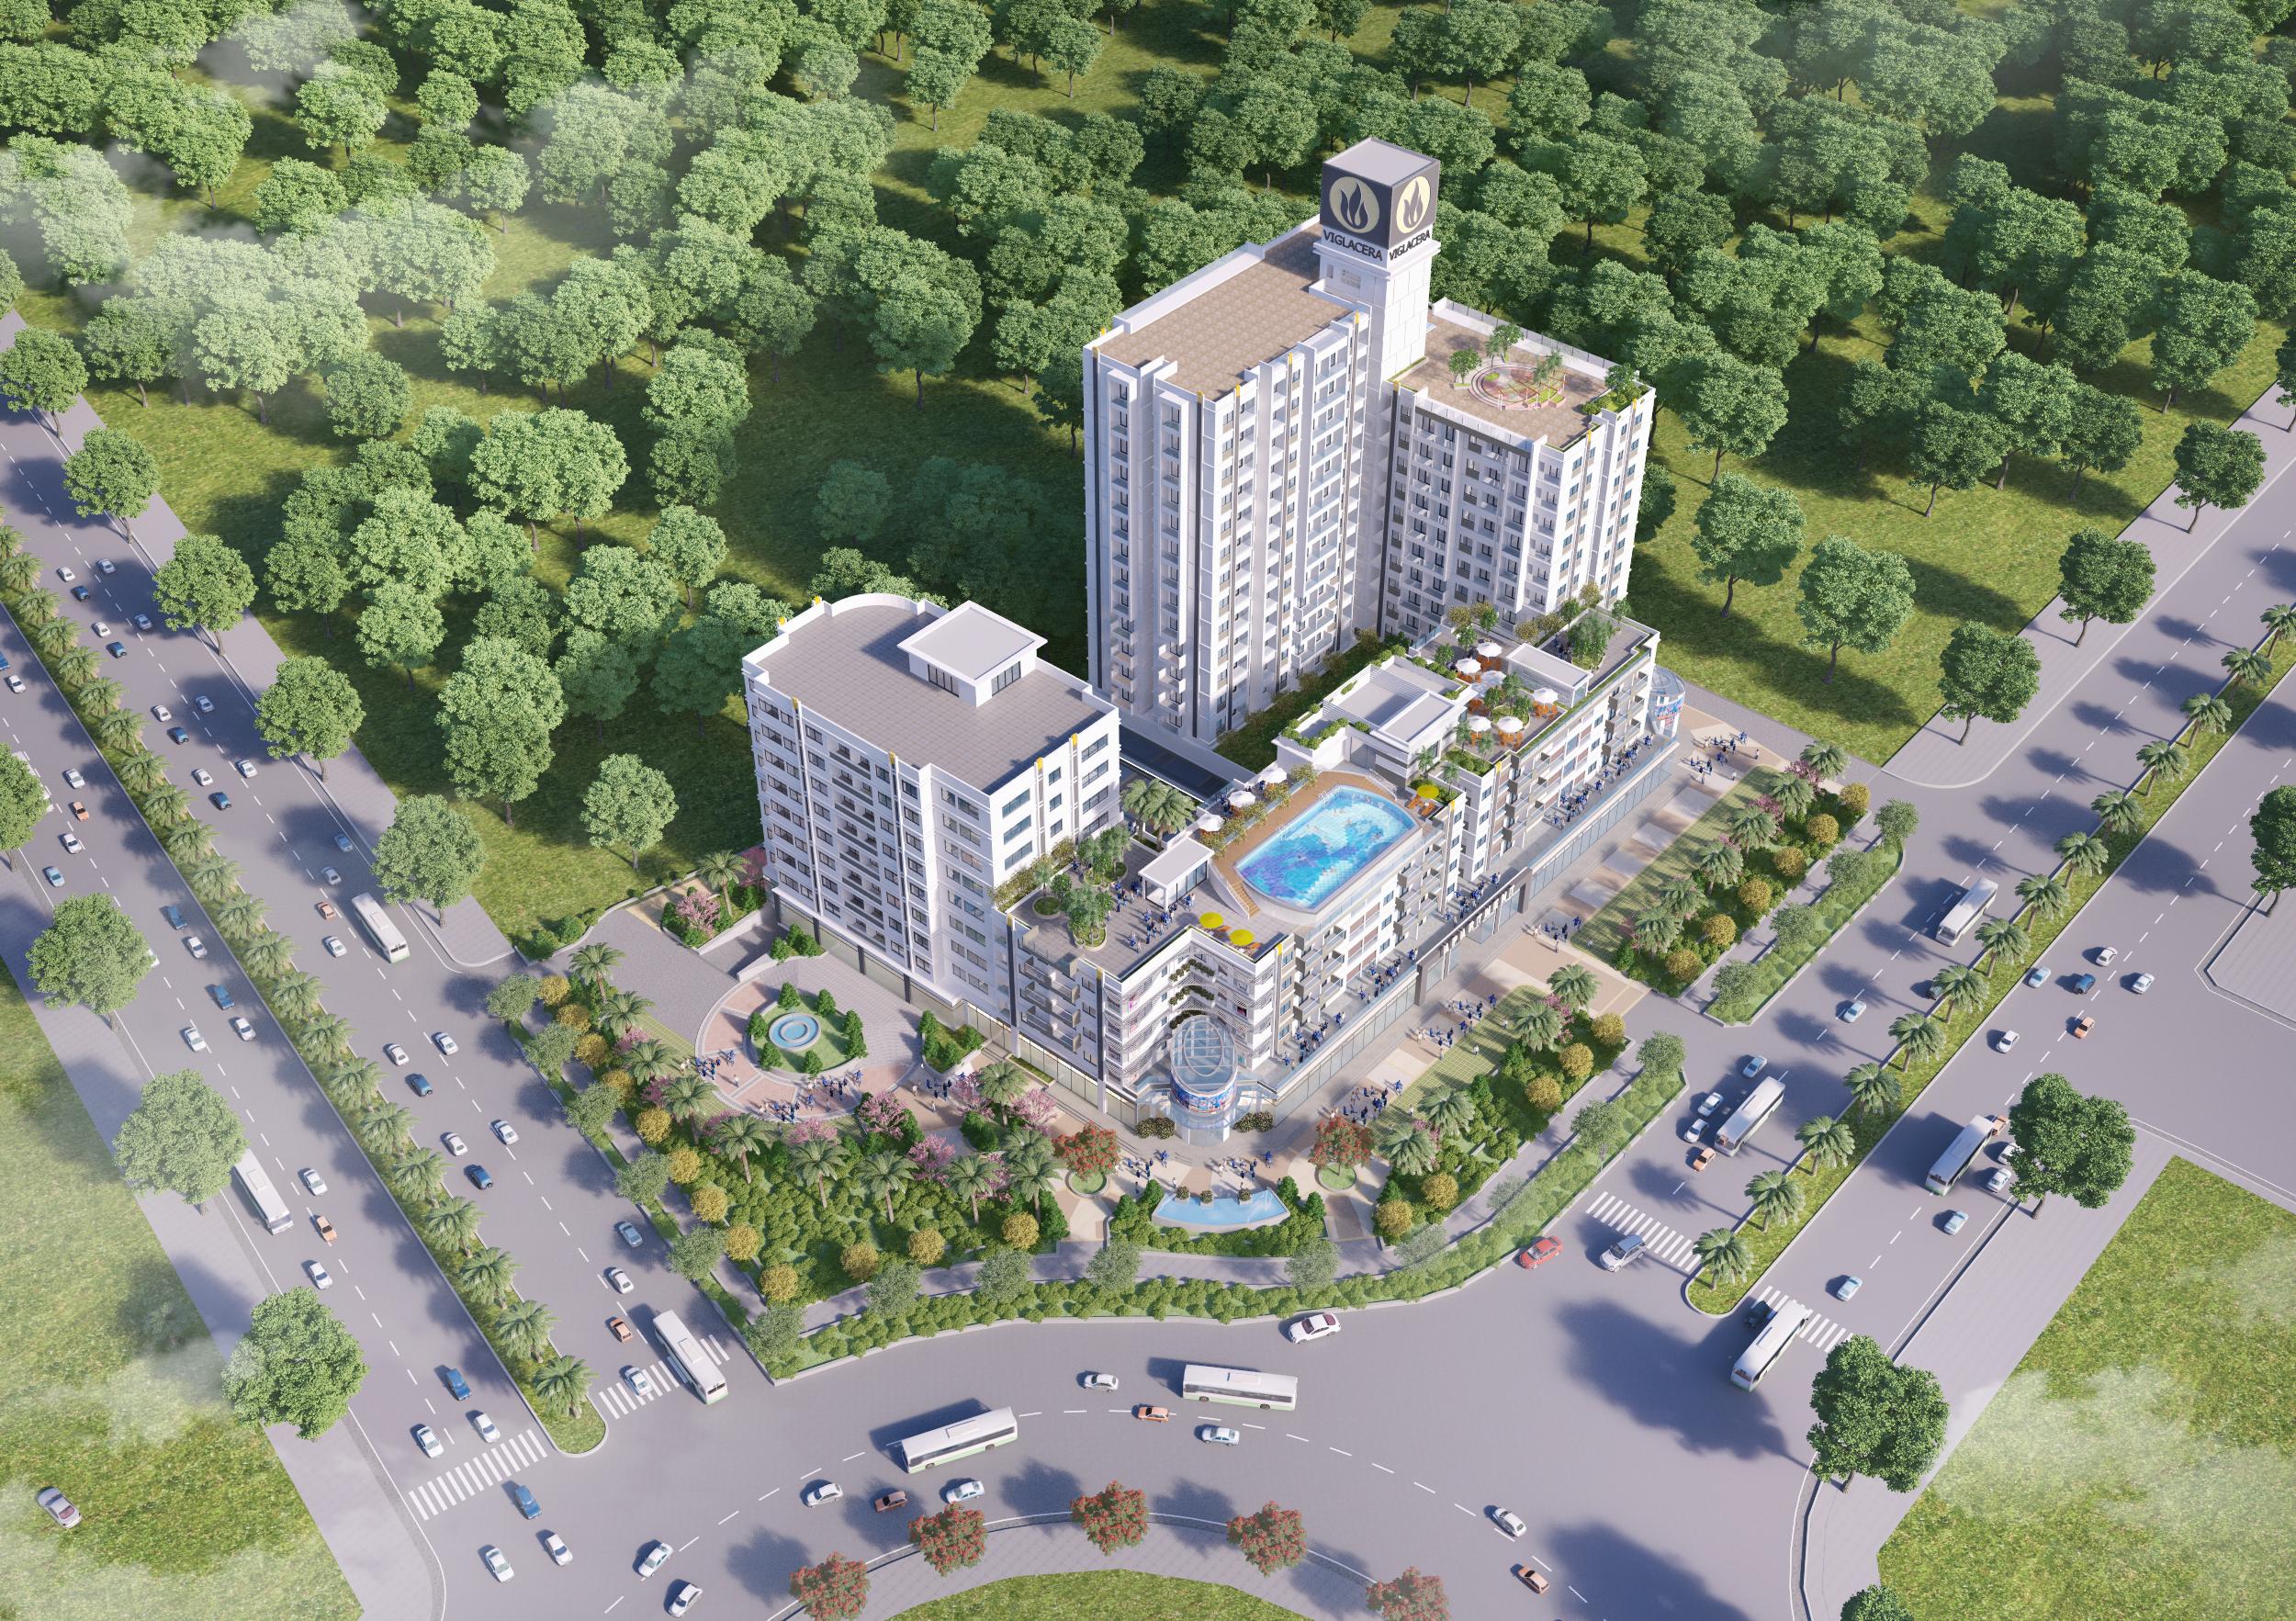 thiết kế xây dựng dân dụng tại bắc ninh Vigracera Bac Ninh